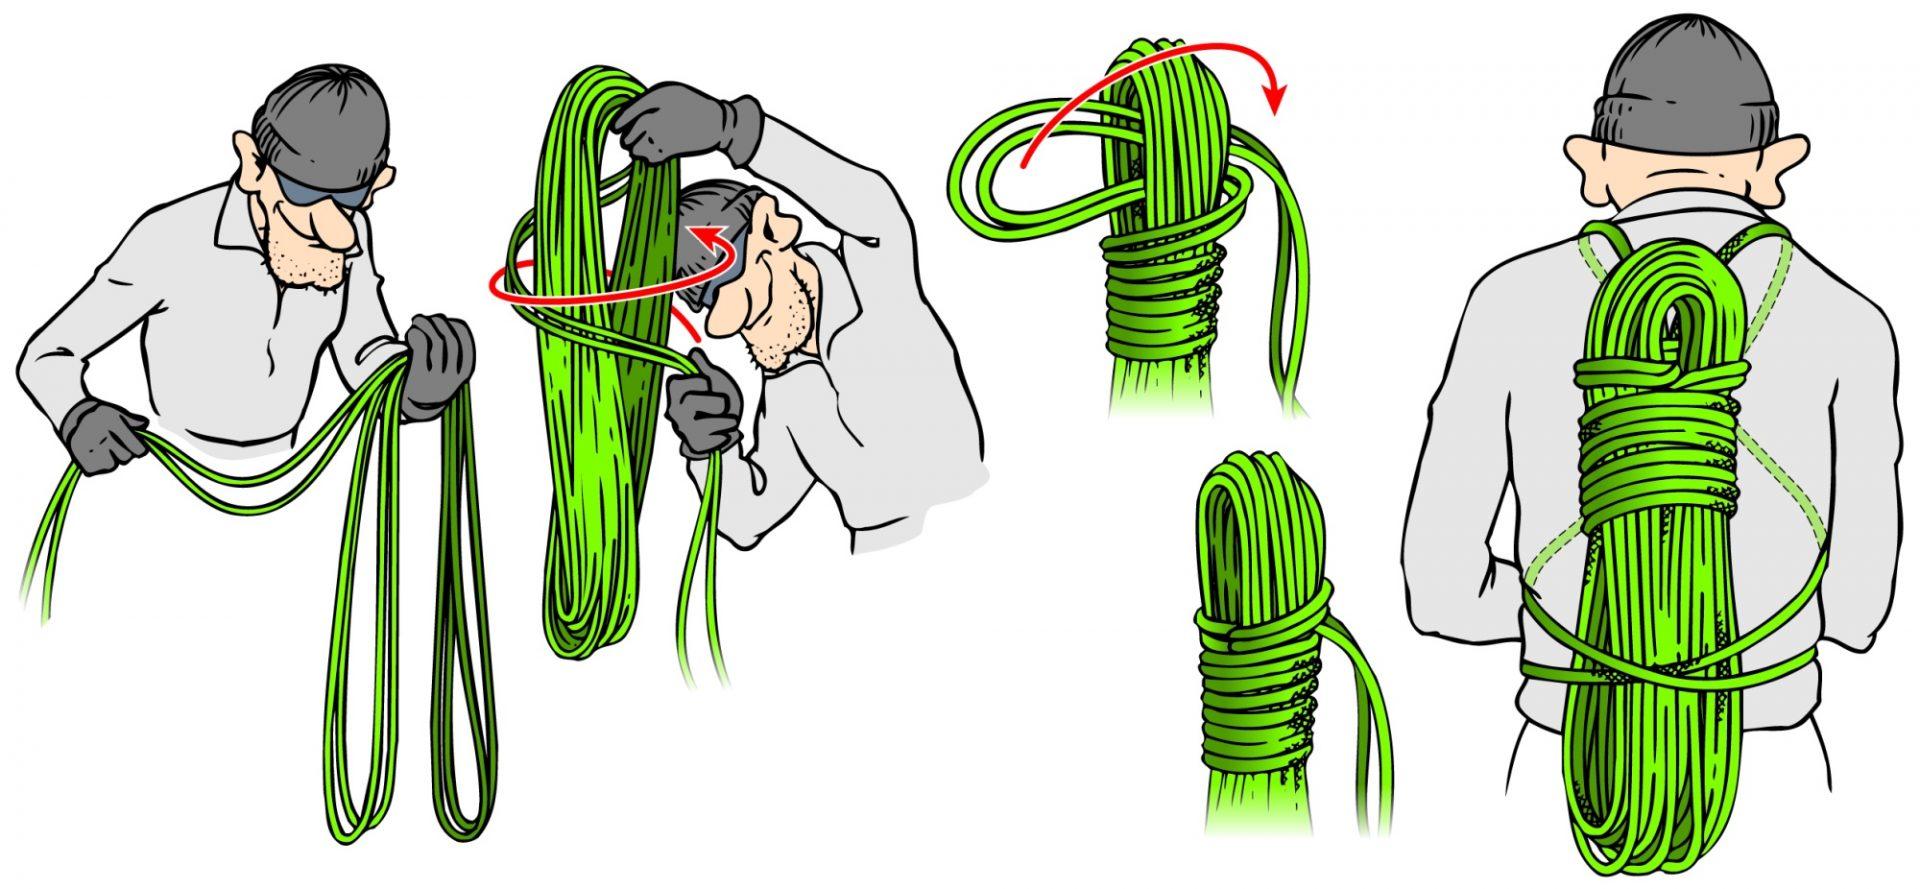 Bergsteigertipp: Restseil verstauen und Seil aufnehmen